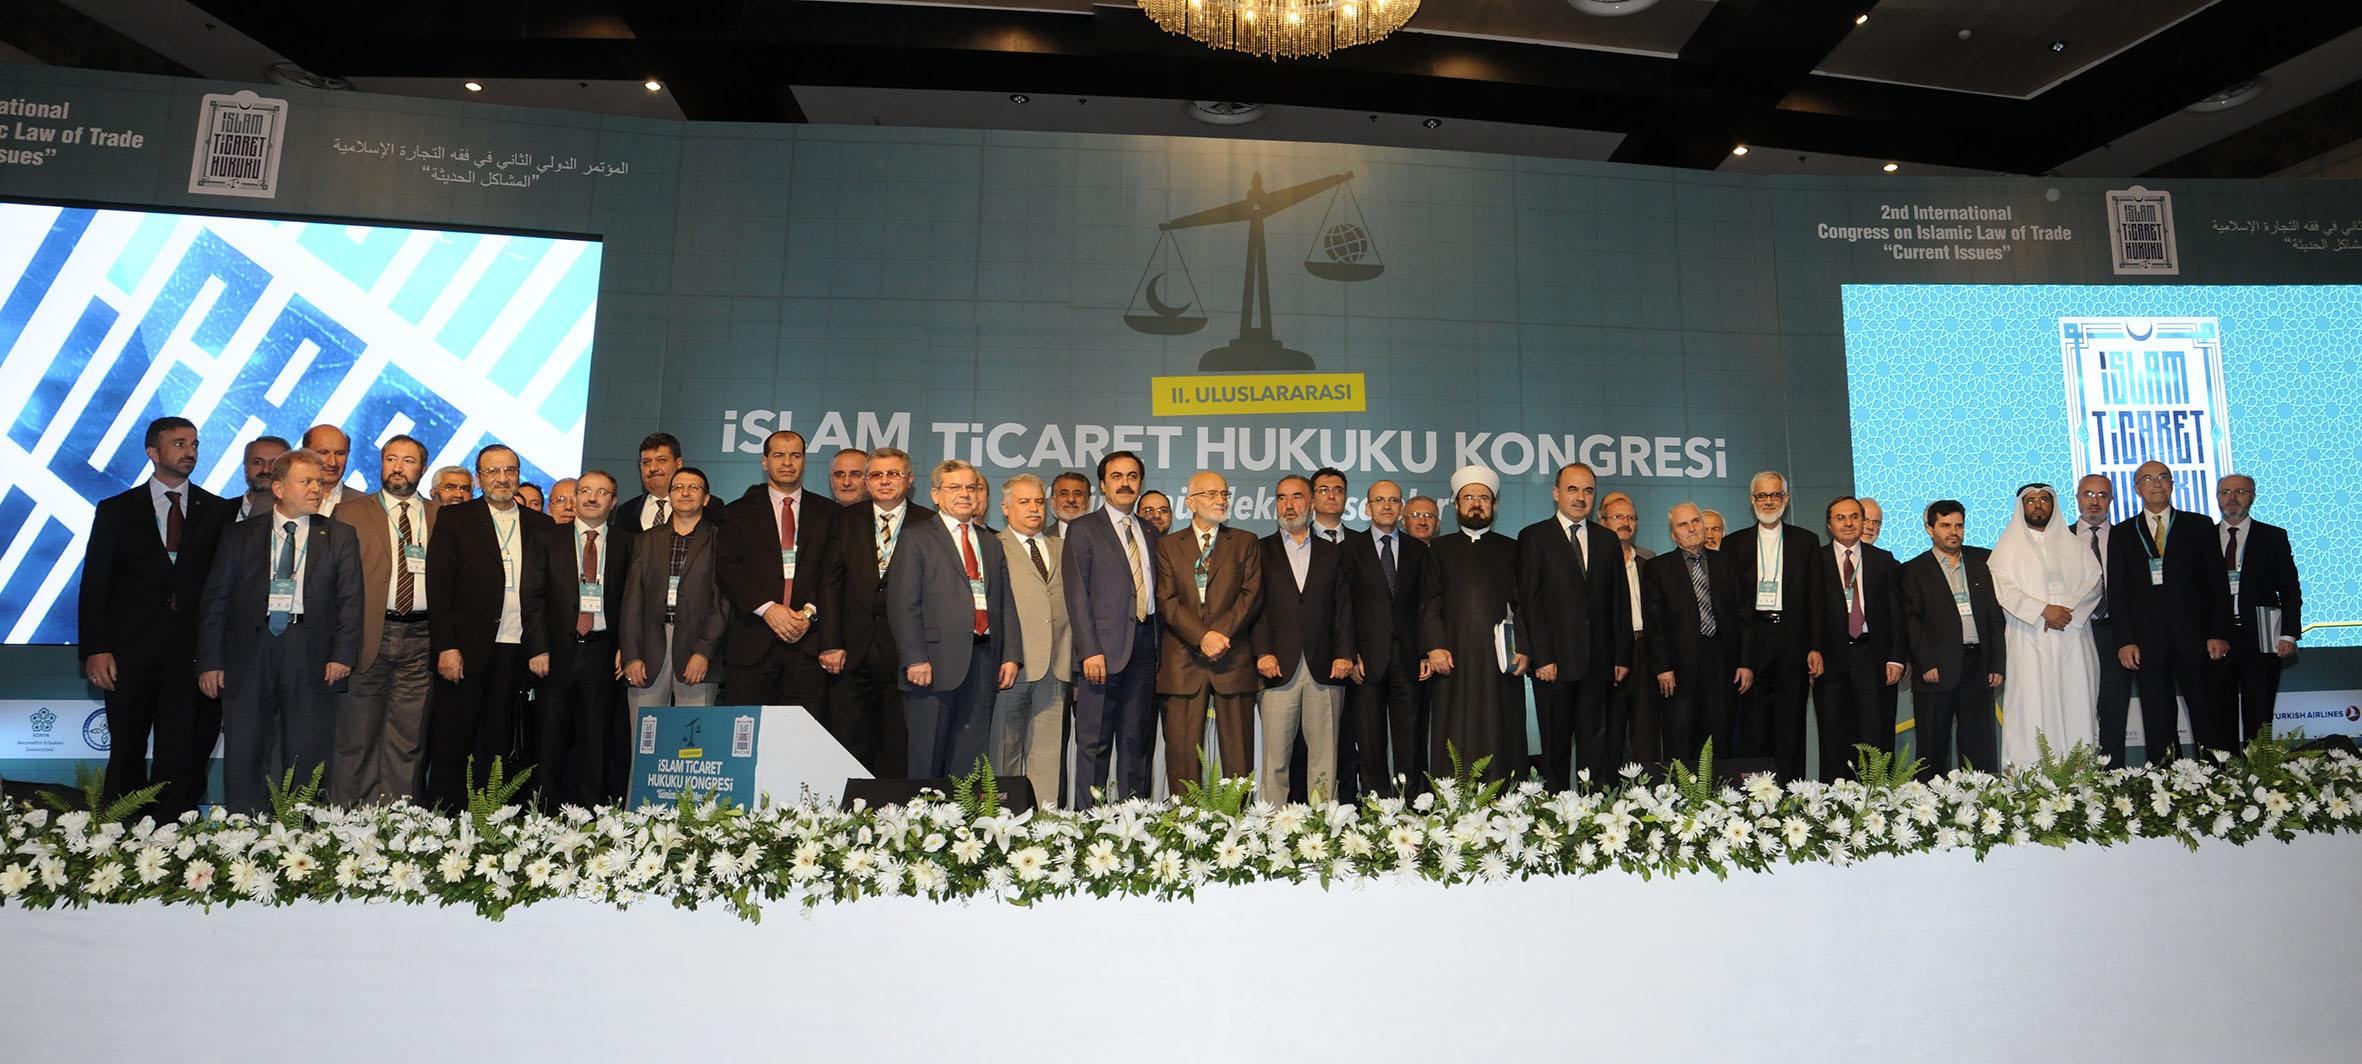 islam-ticaret-hukuku-kongresinden-unutulmaz-bir-kare-.jpg